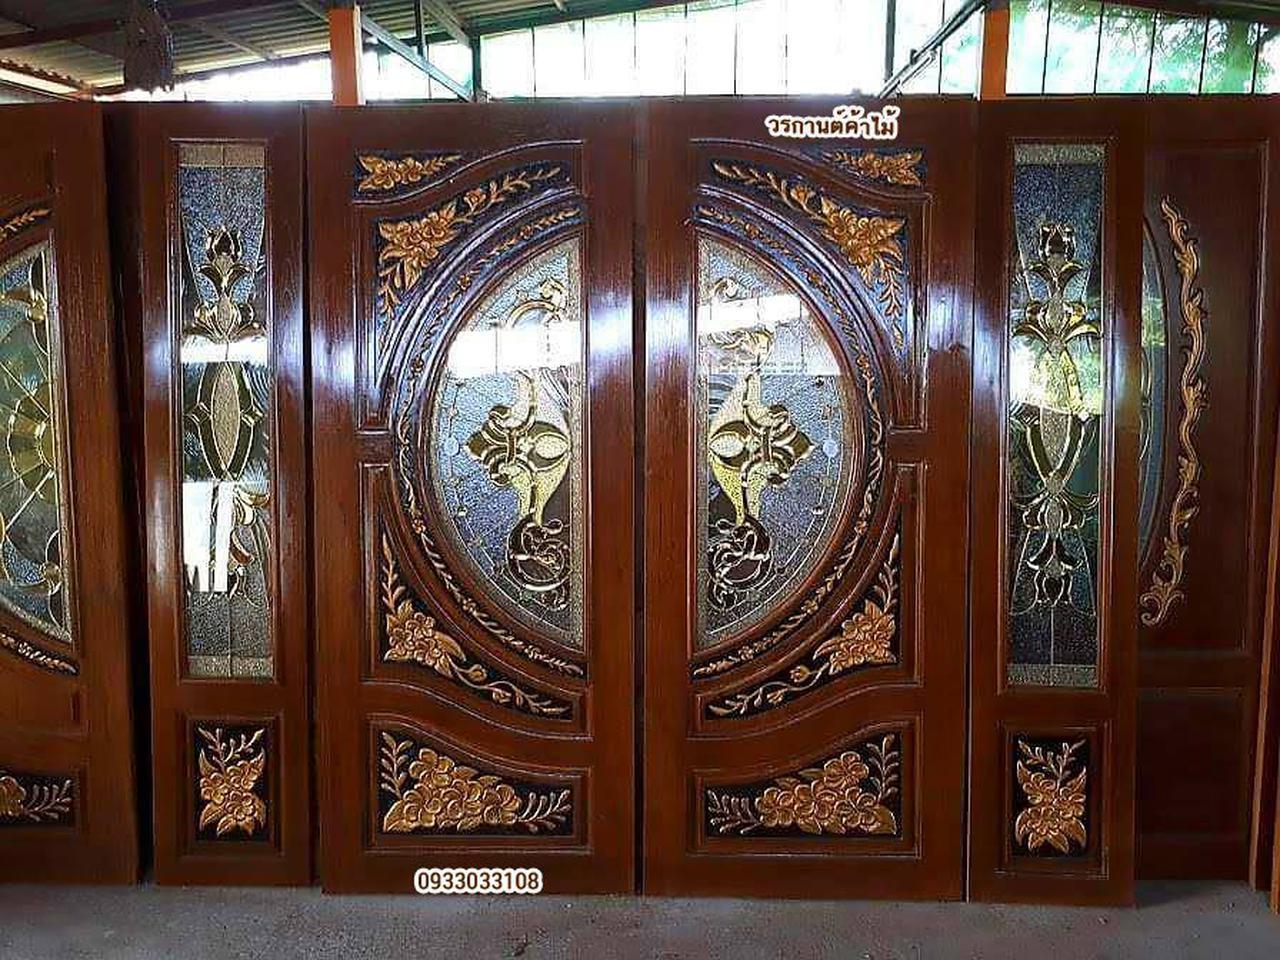 ร้านวรกานต์ค้าไม้ จำหน่าย ประตูไม้สัก กระจกนิรภัย,ประตูบานเลื่อนไม้สัก รูปที่ 1